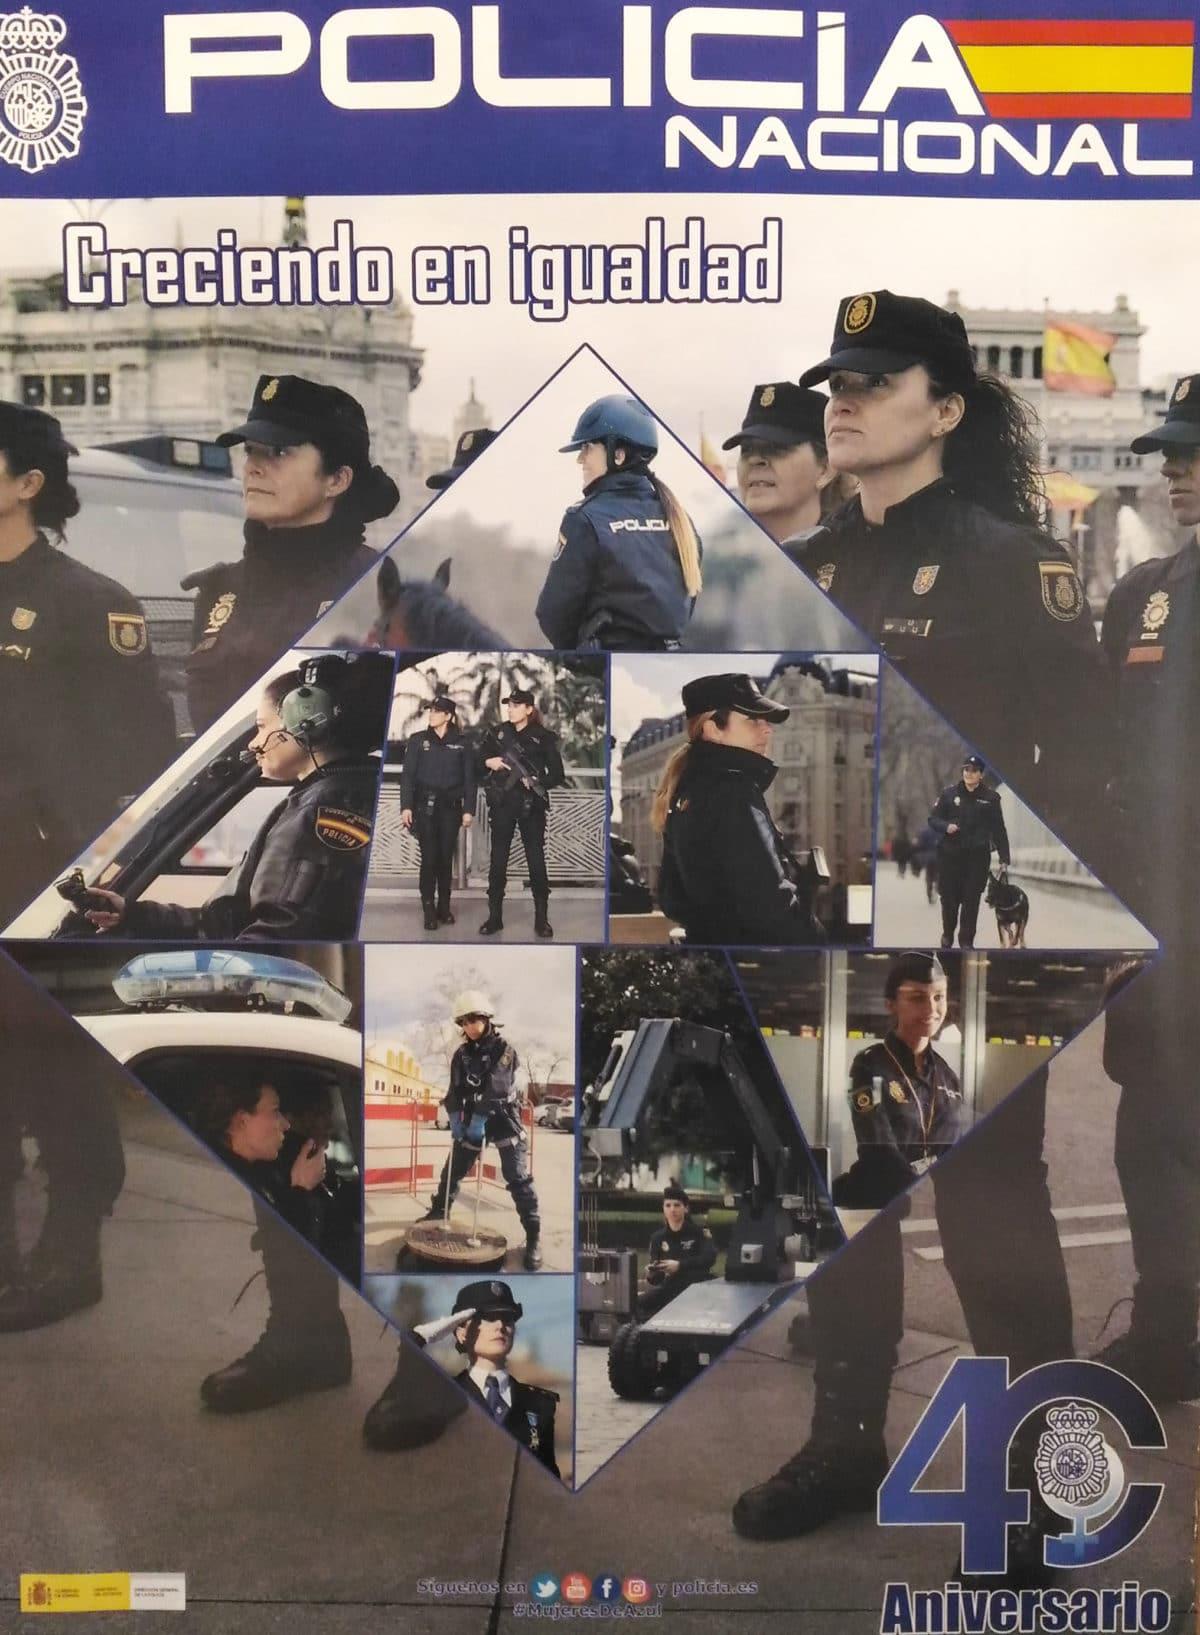 La Policía Nacional celebra el 40 aniversario de la incorporación de la mujer 3